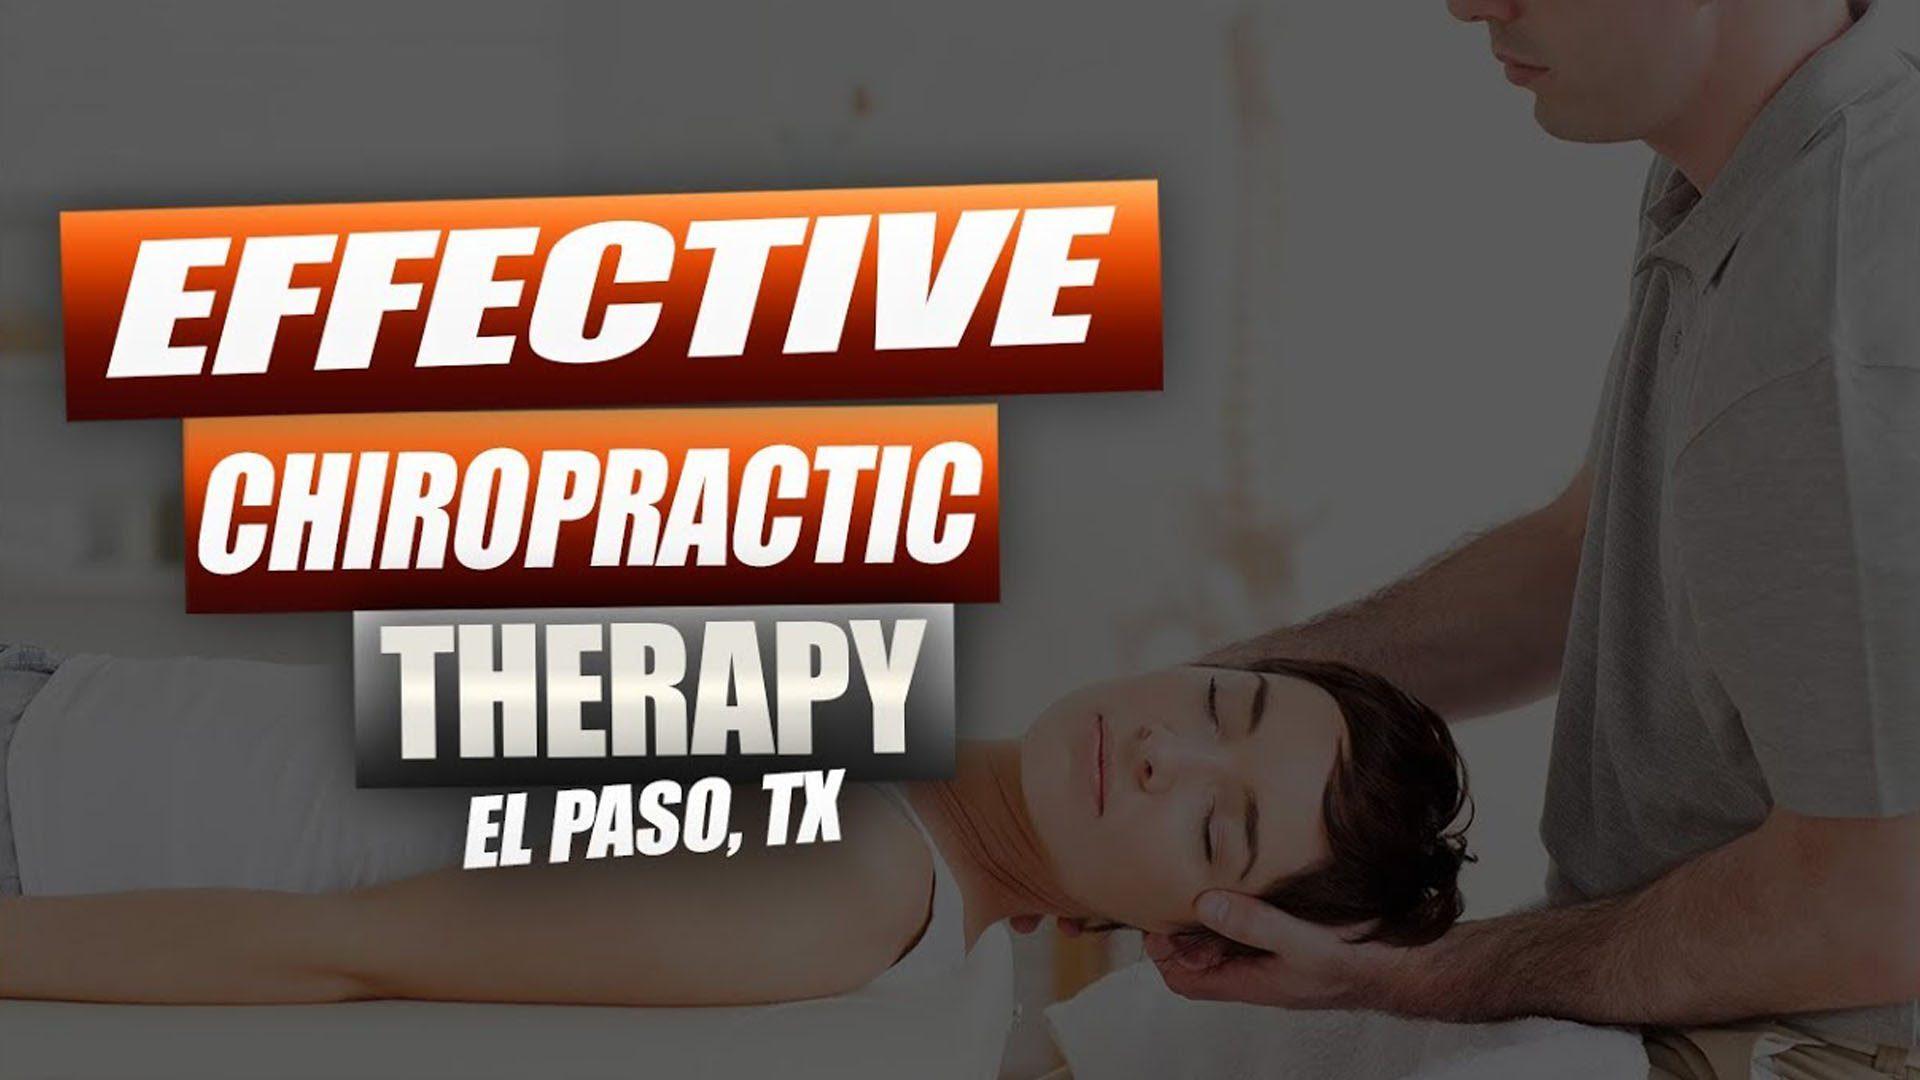 эффективная помощь хиропрактики el paso tx.